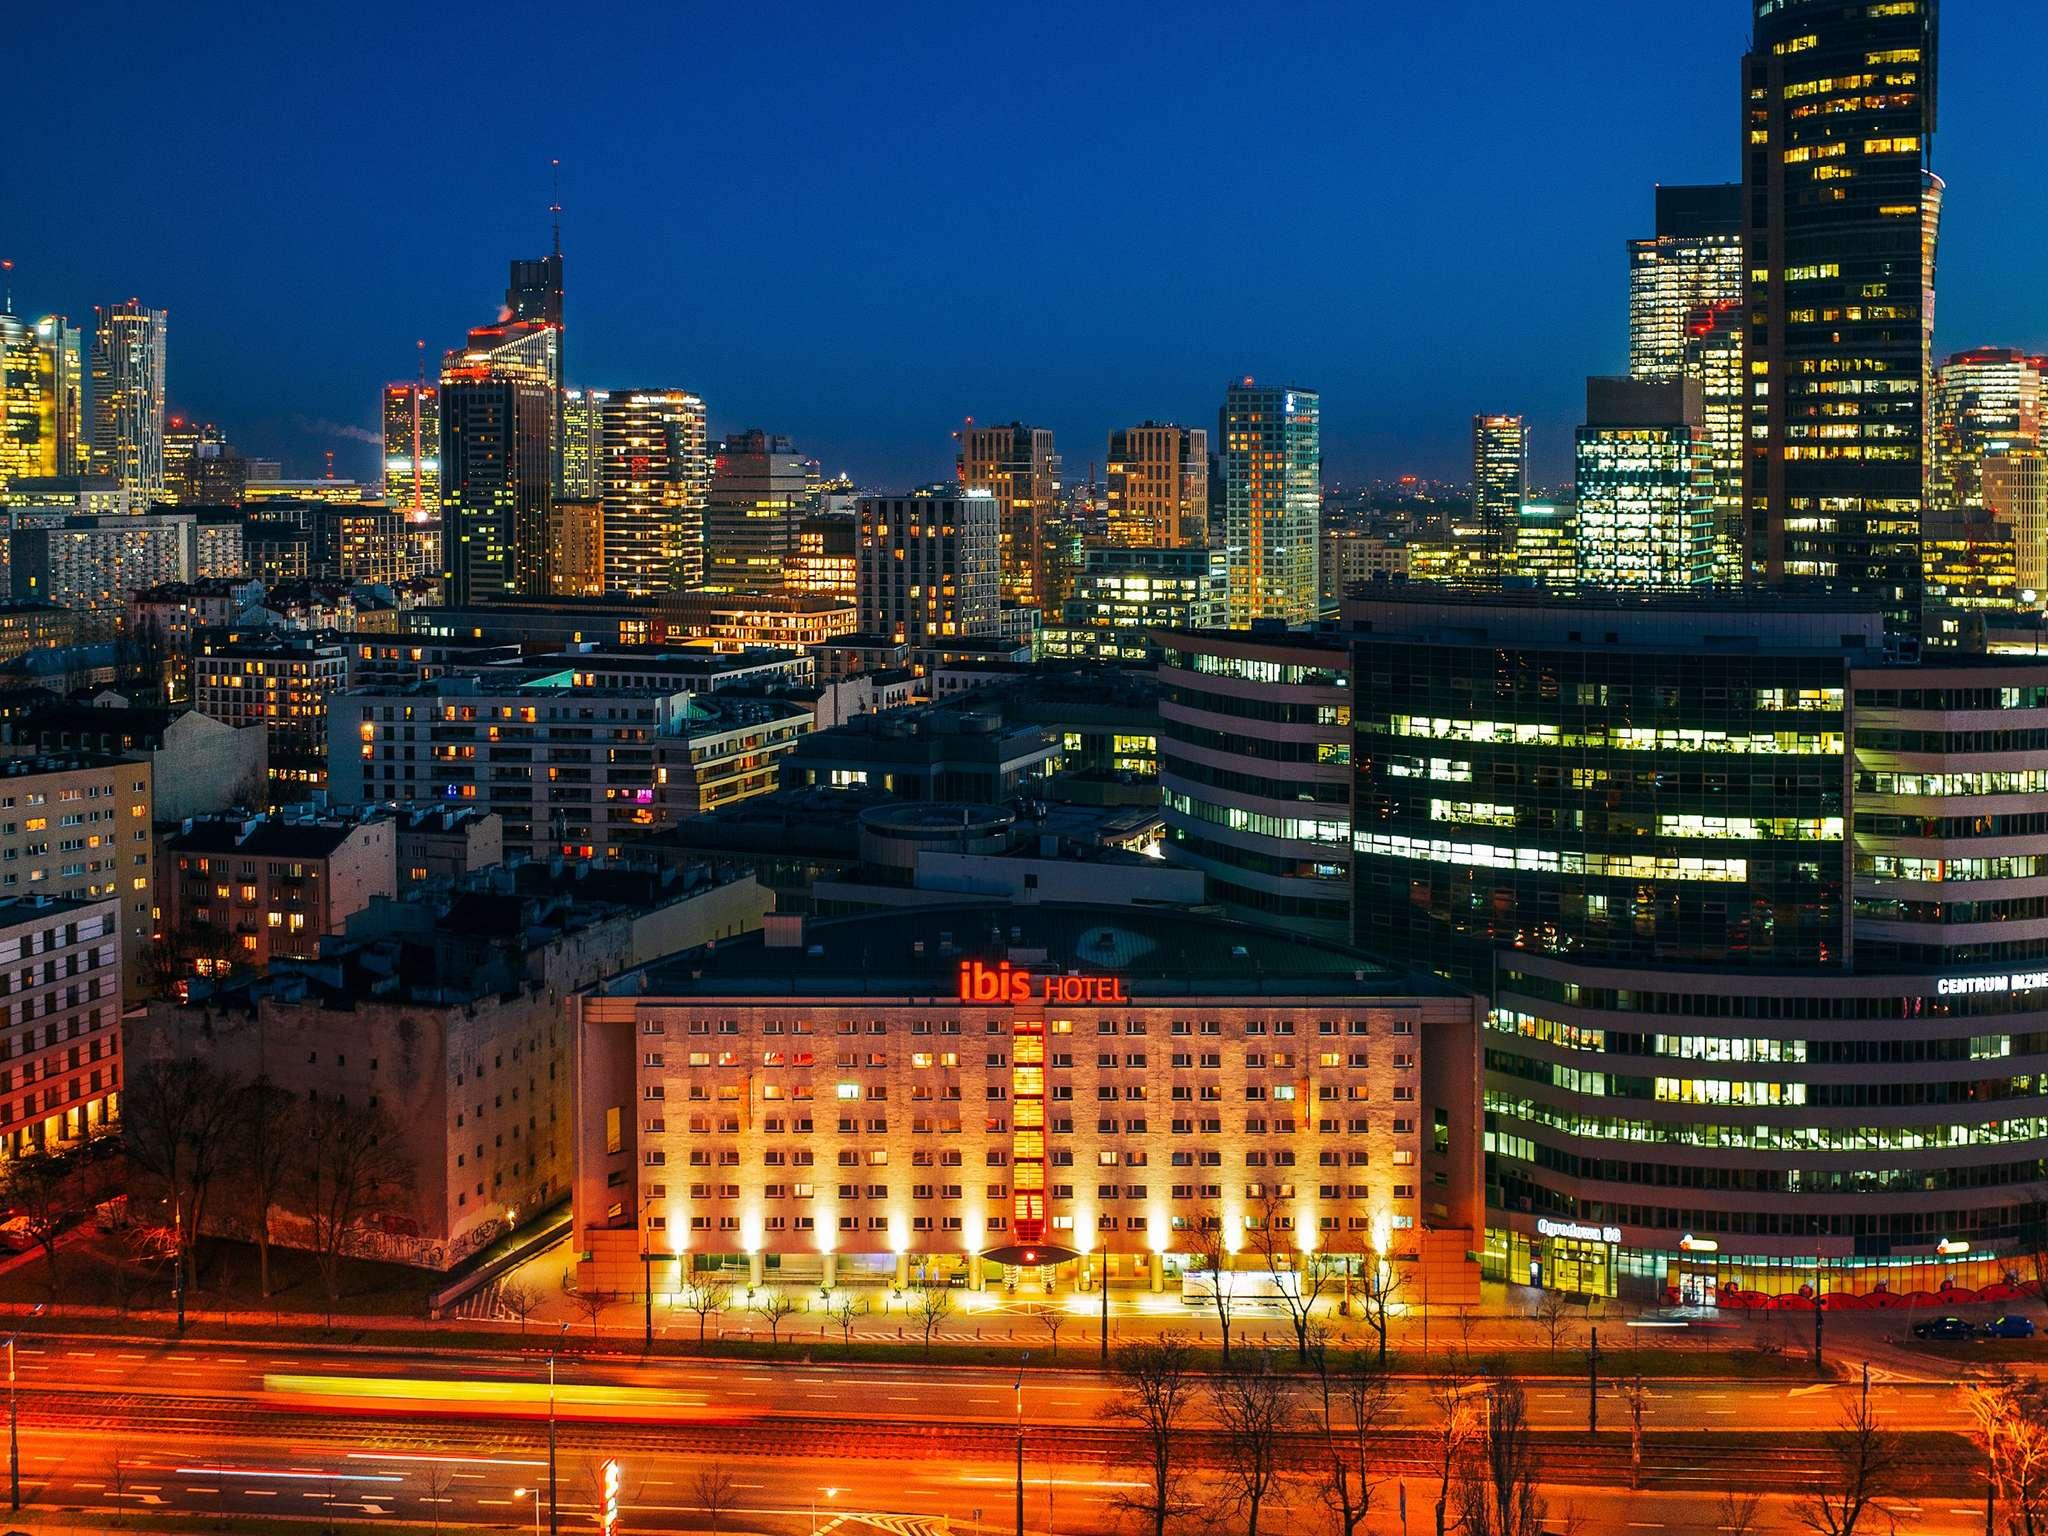 โรงแรม – ibis Warszawa Centrum - Hostel Warszawa Centrum